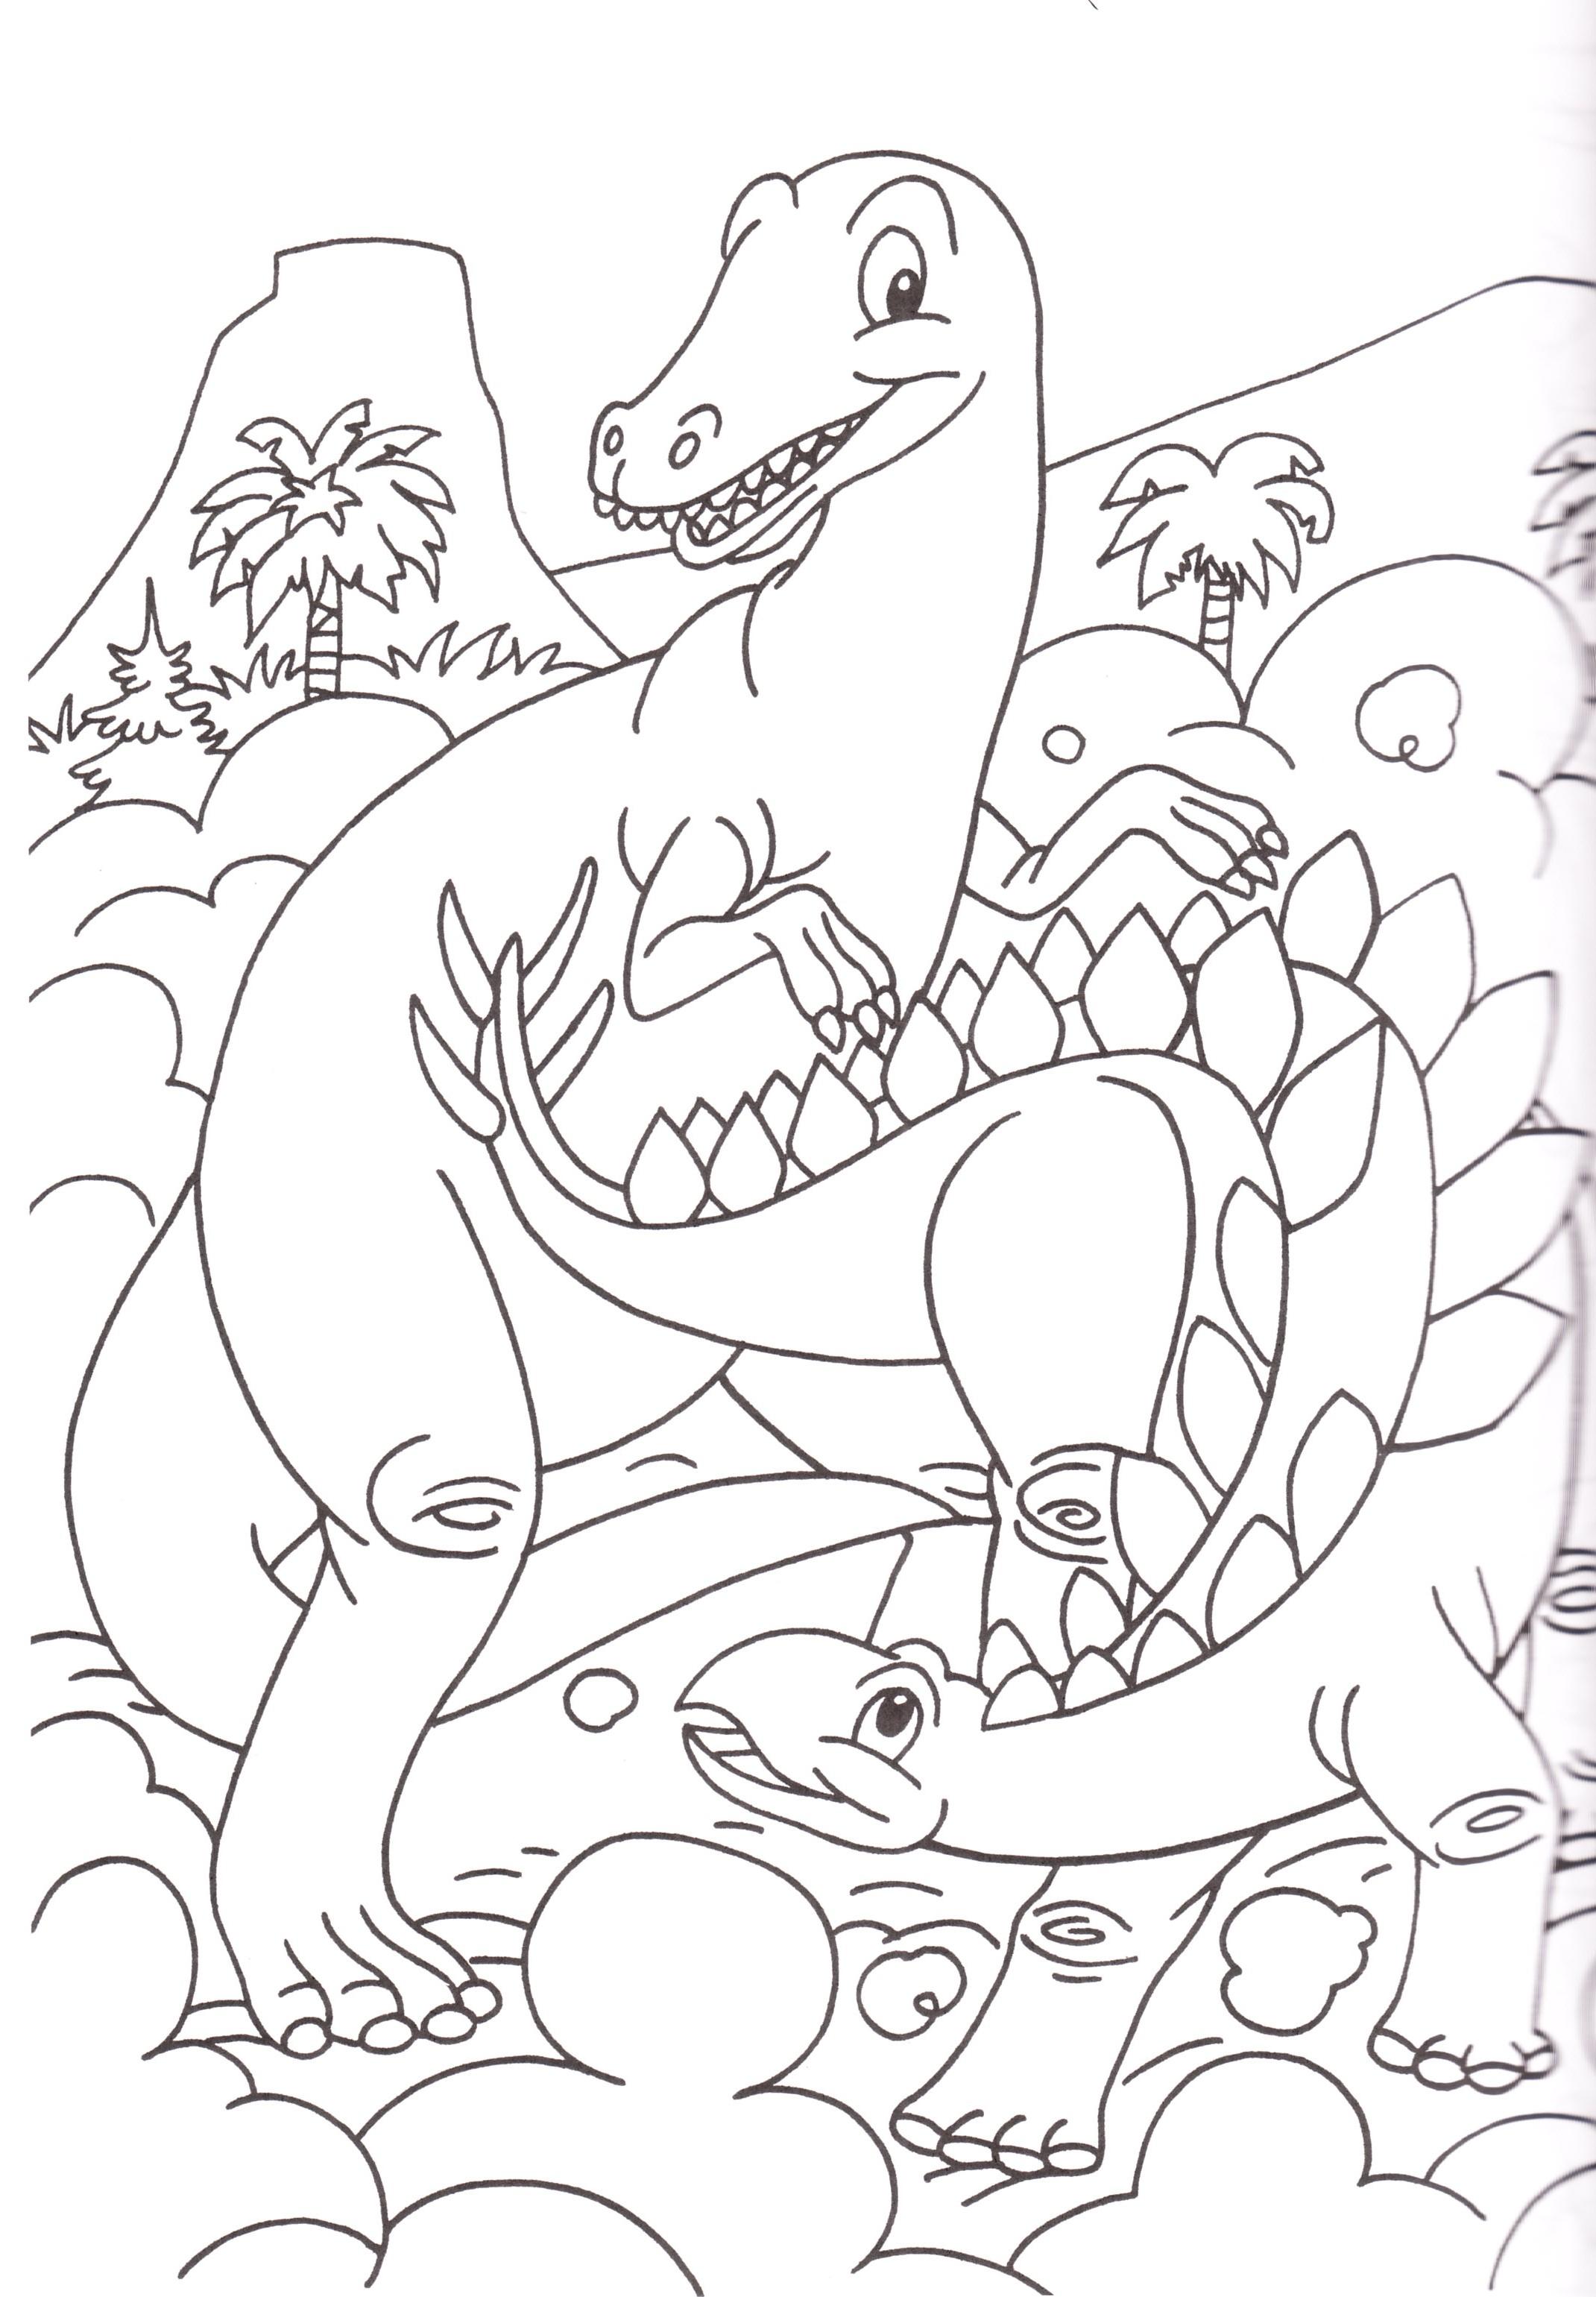 Vacanze con i bambini disegni da stampare e colorare for Paesaggi da colorare per bambini